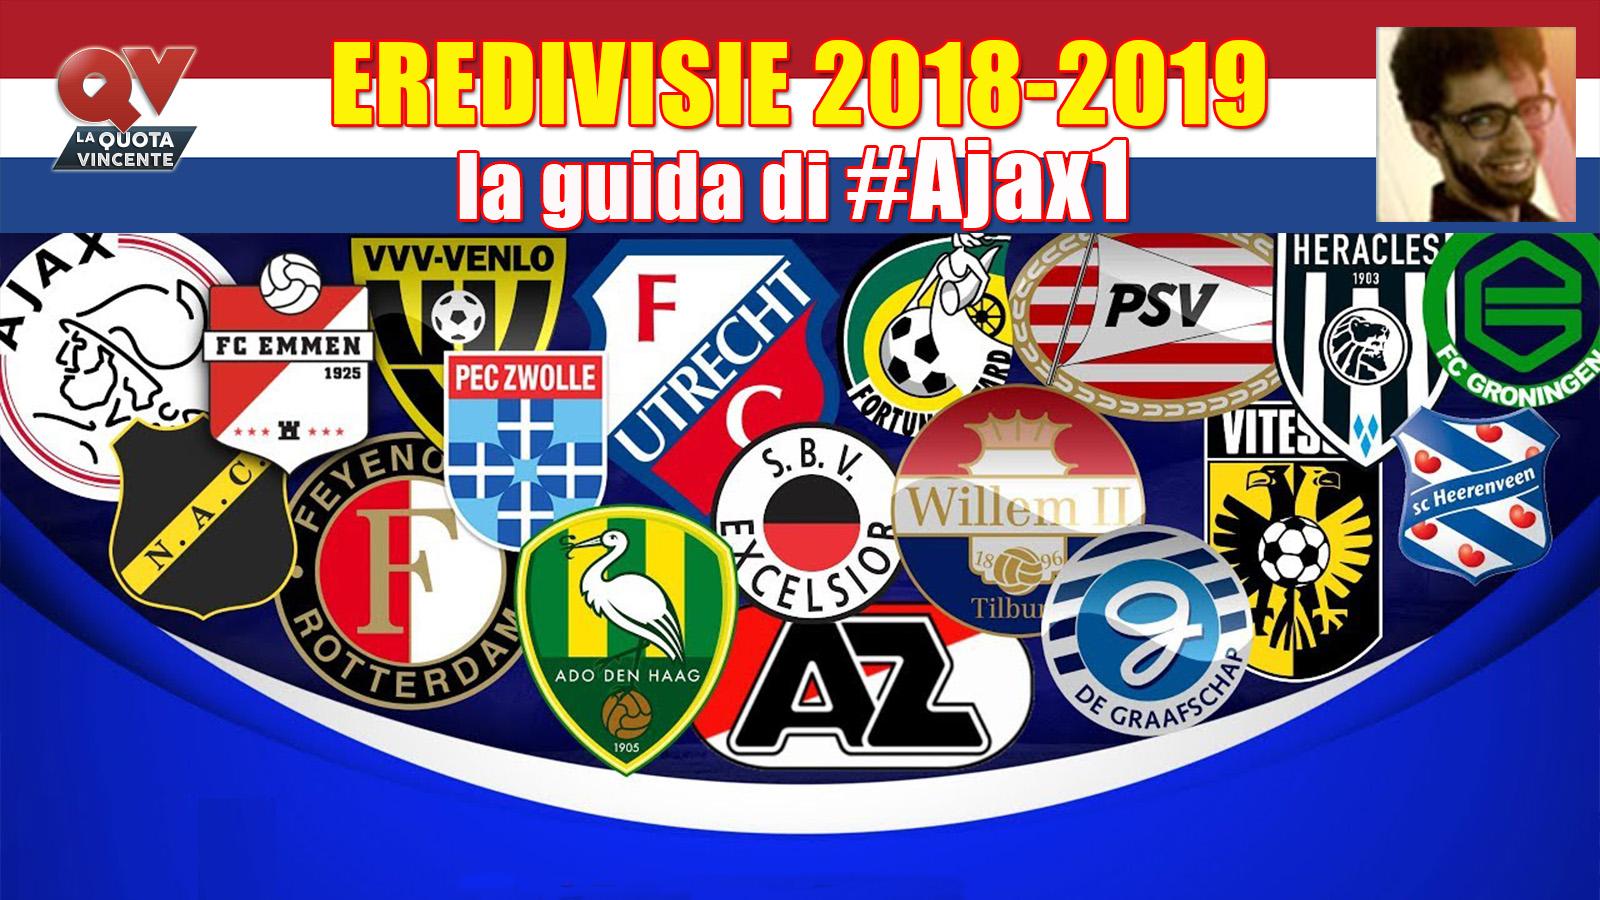 Eredivisie Guida 2018-2019